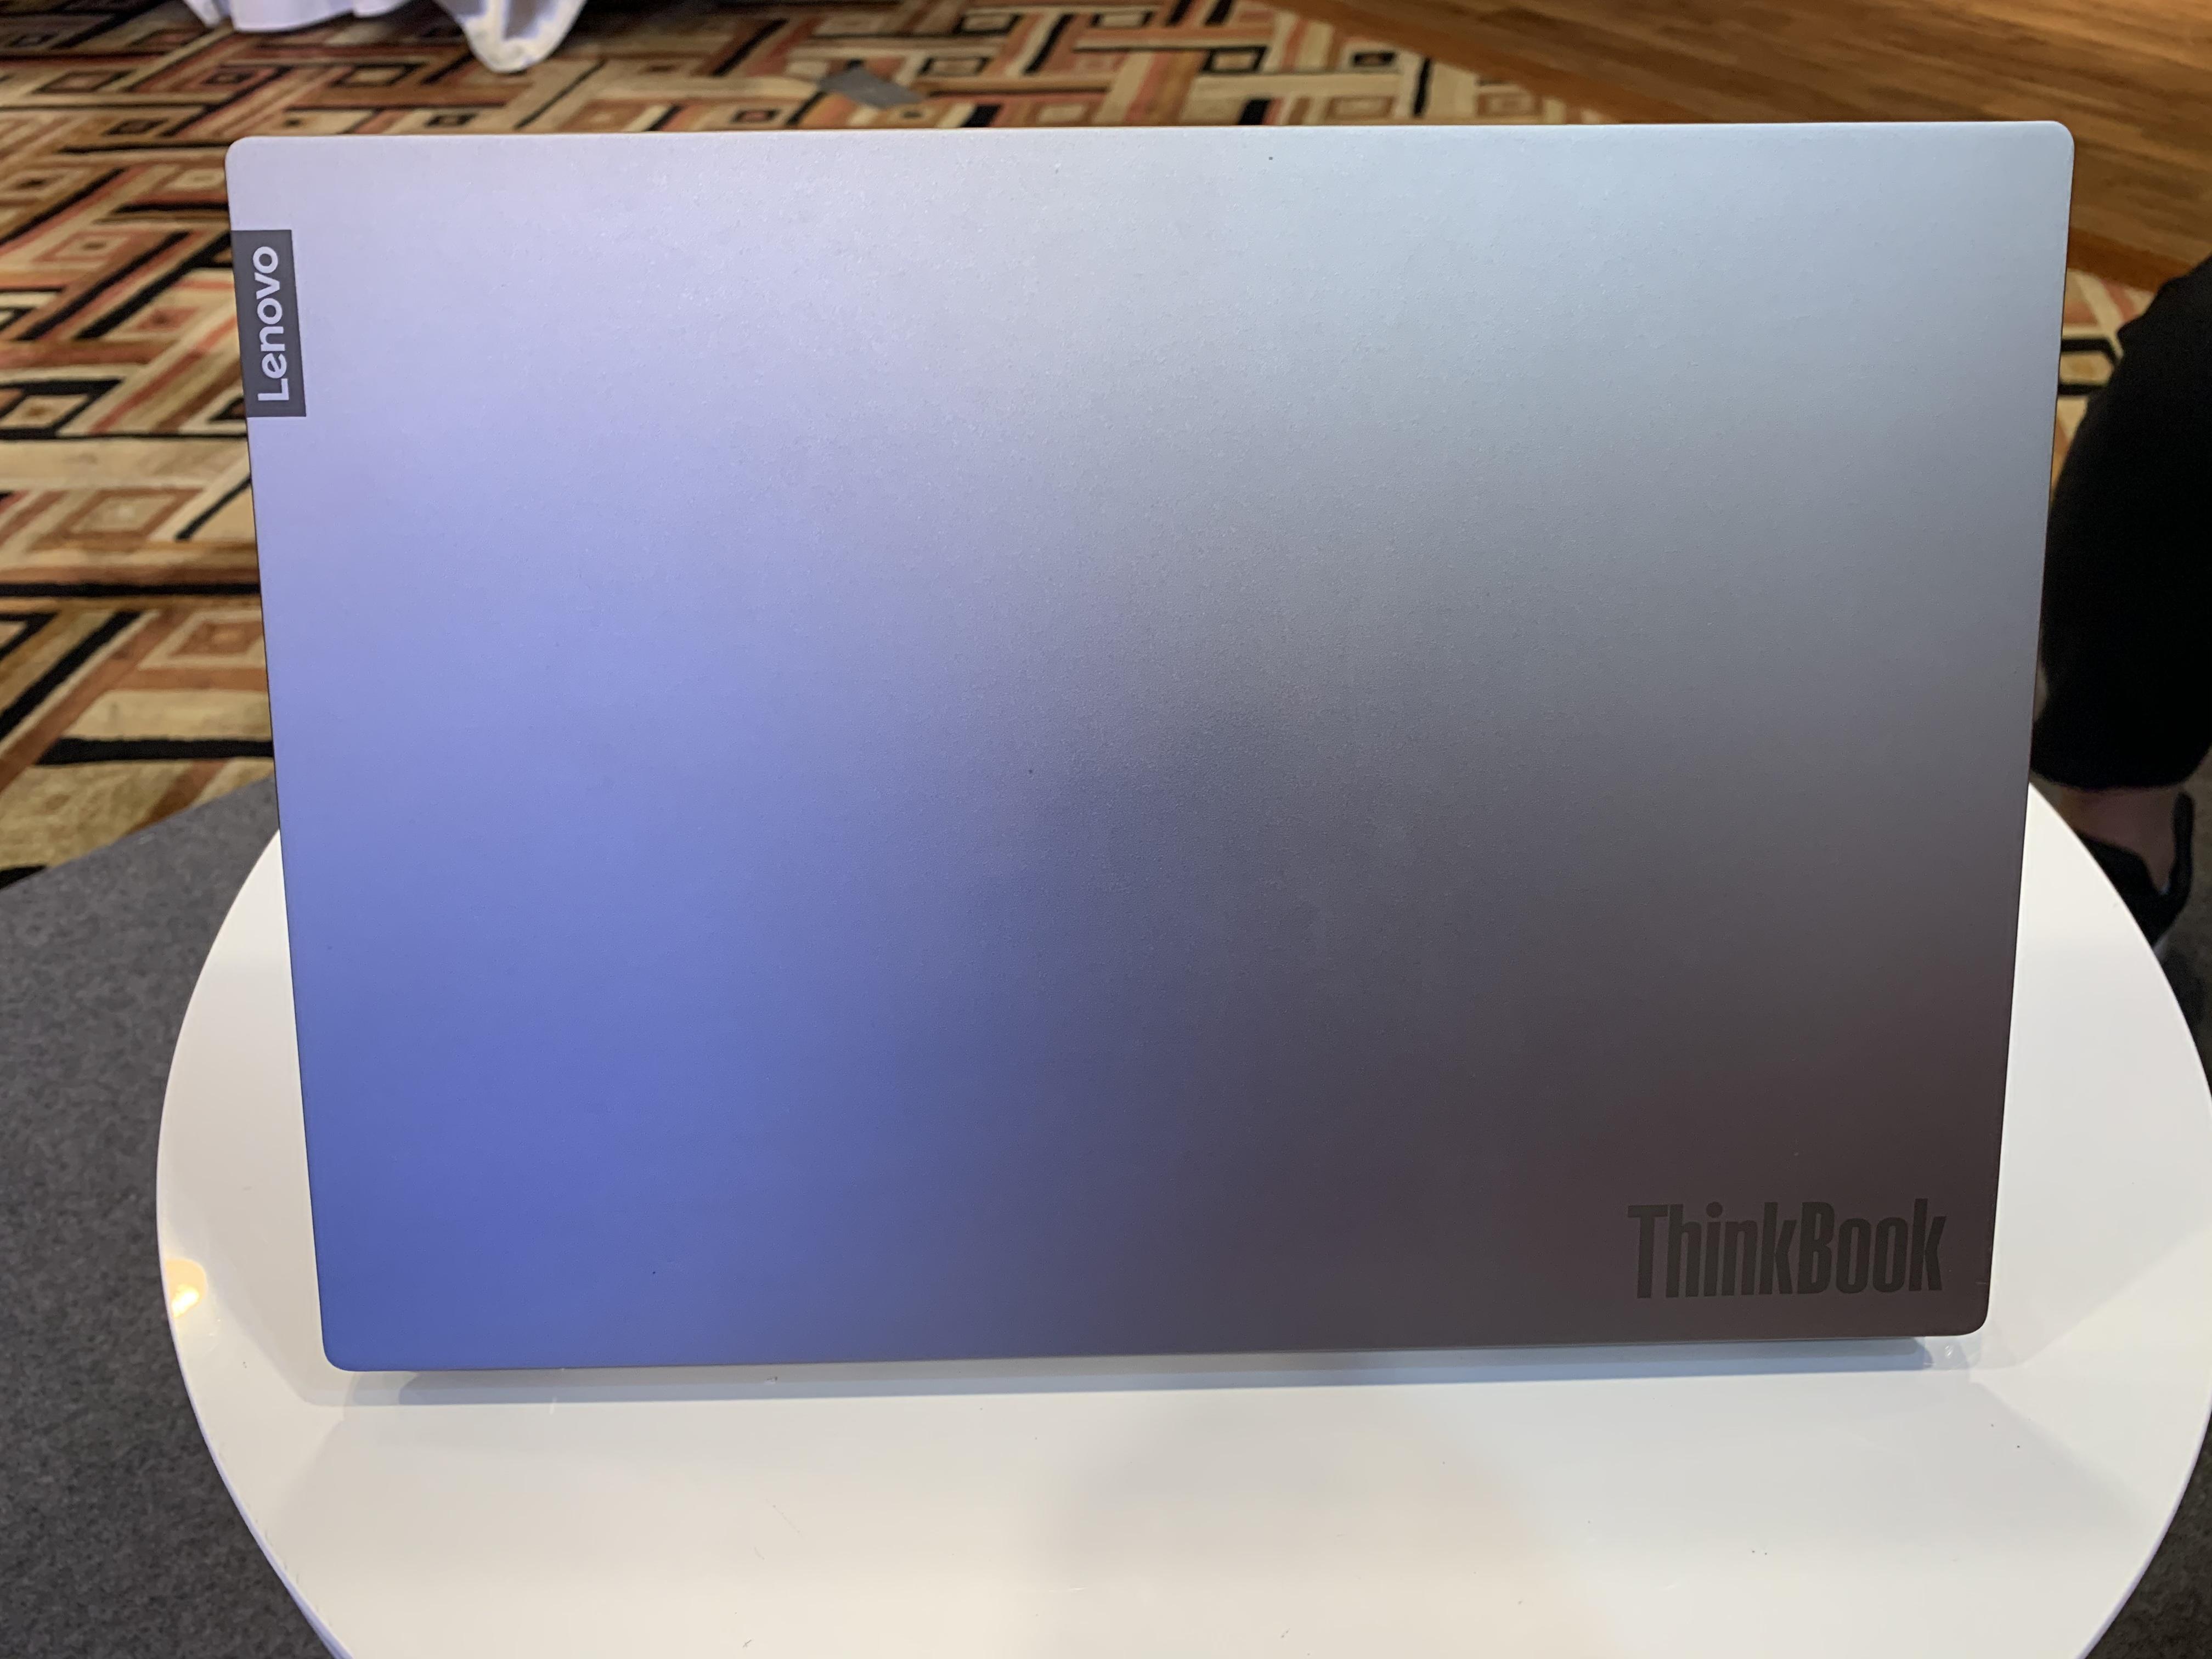 Lenovo ra mắt ThinkBook 14/15: Kiểu dáng mới, bảo mật tốt, giá từ 12 triệu đồng - 2